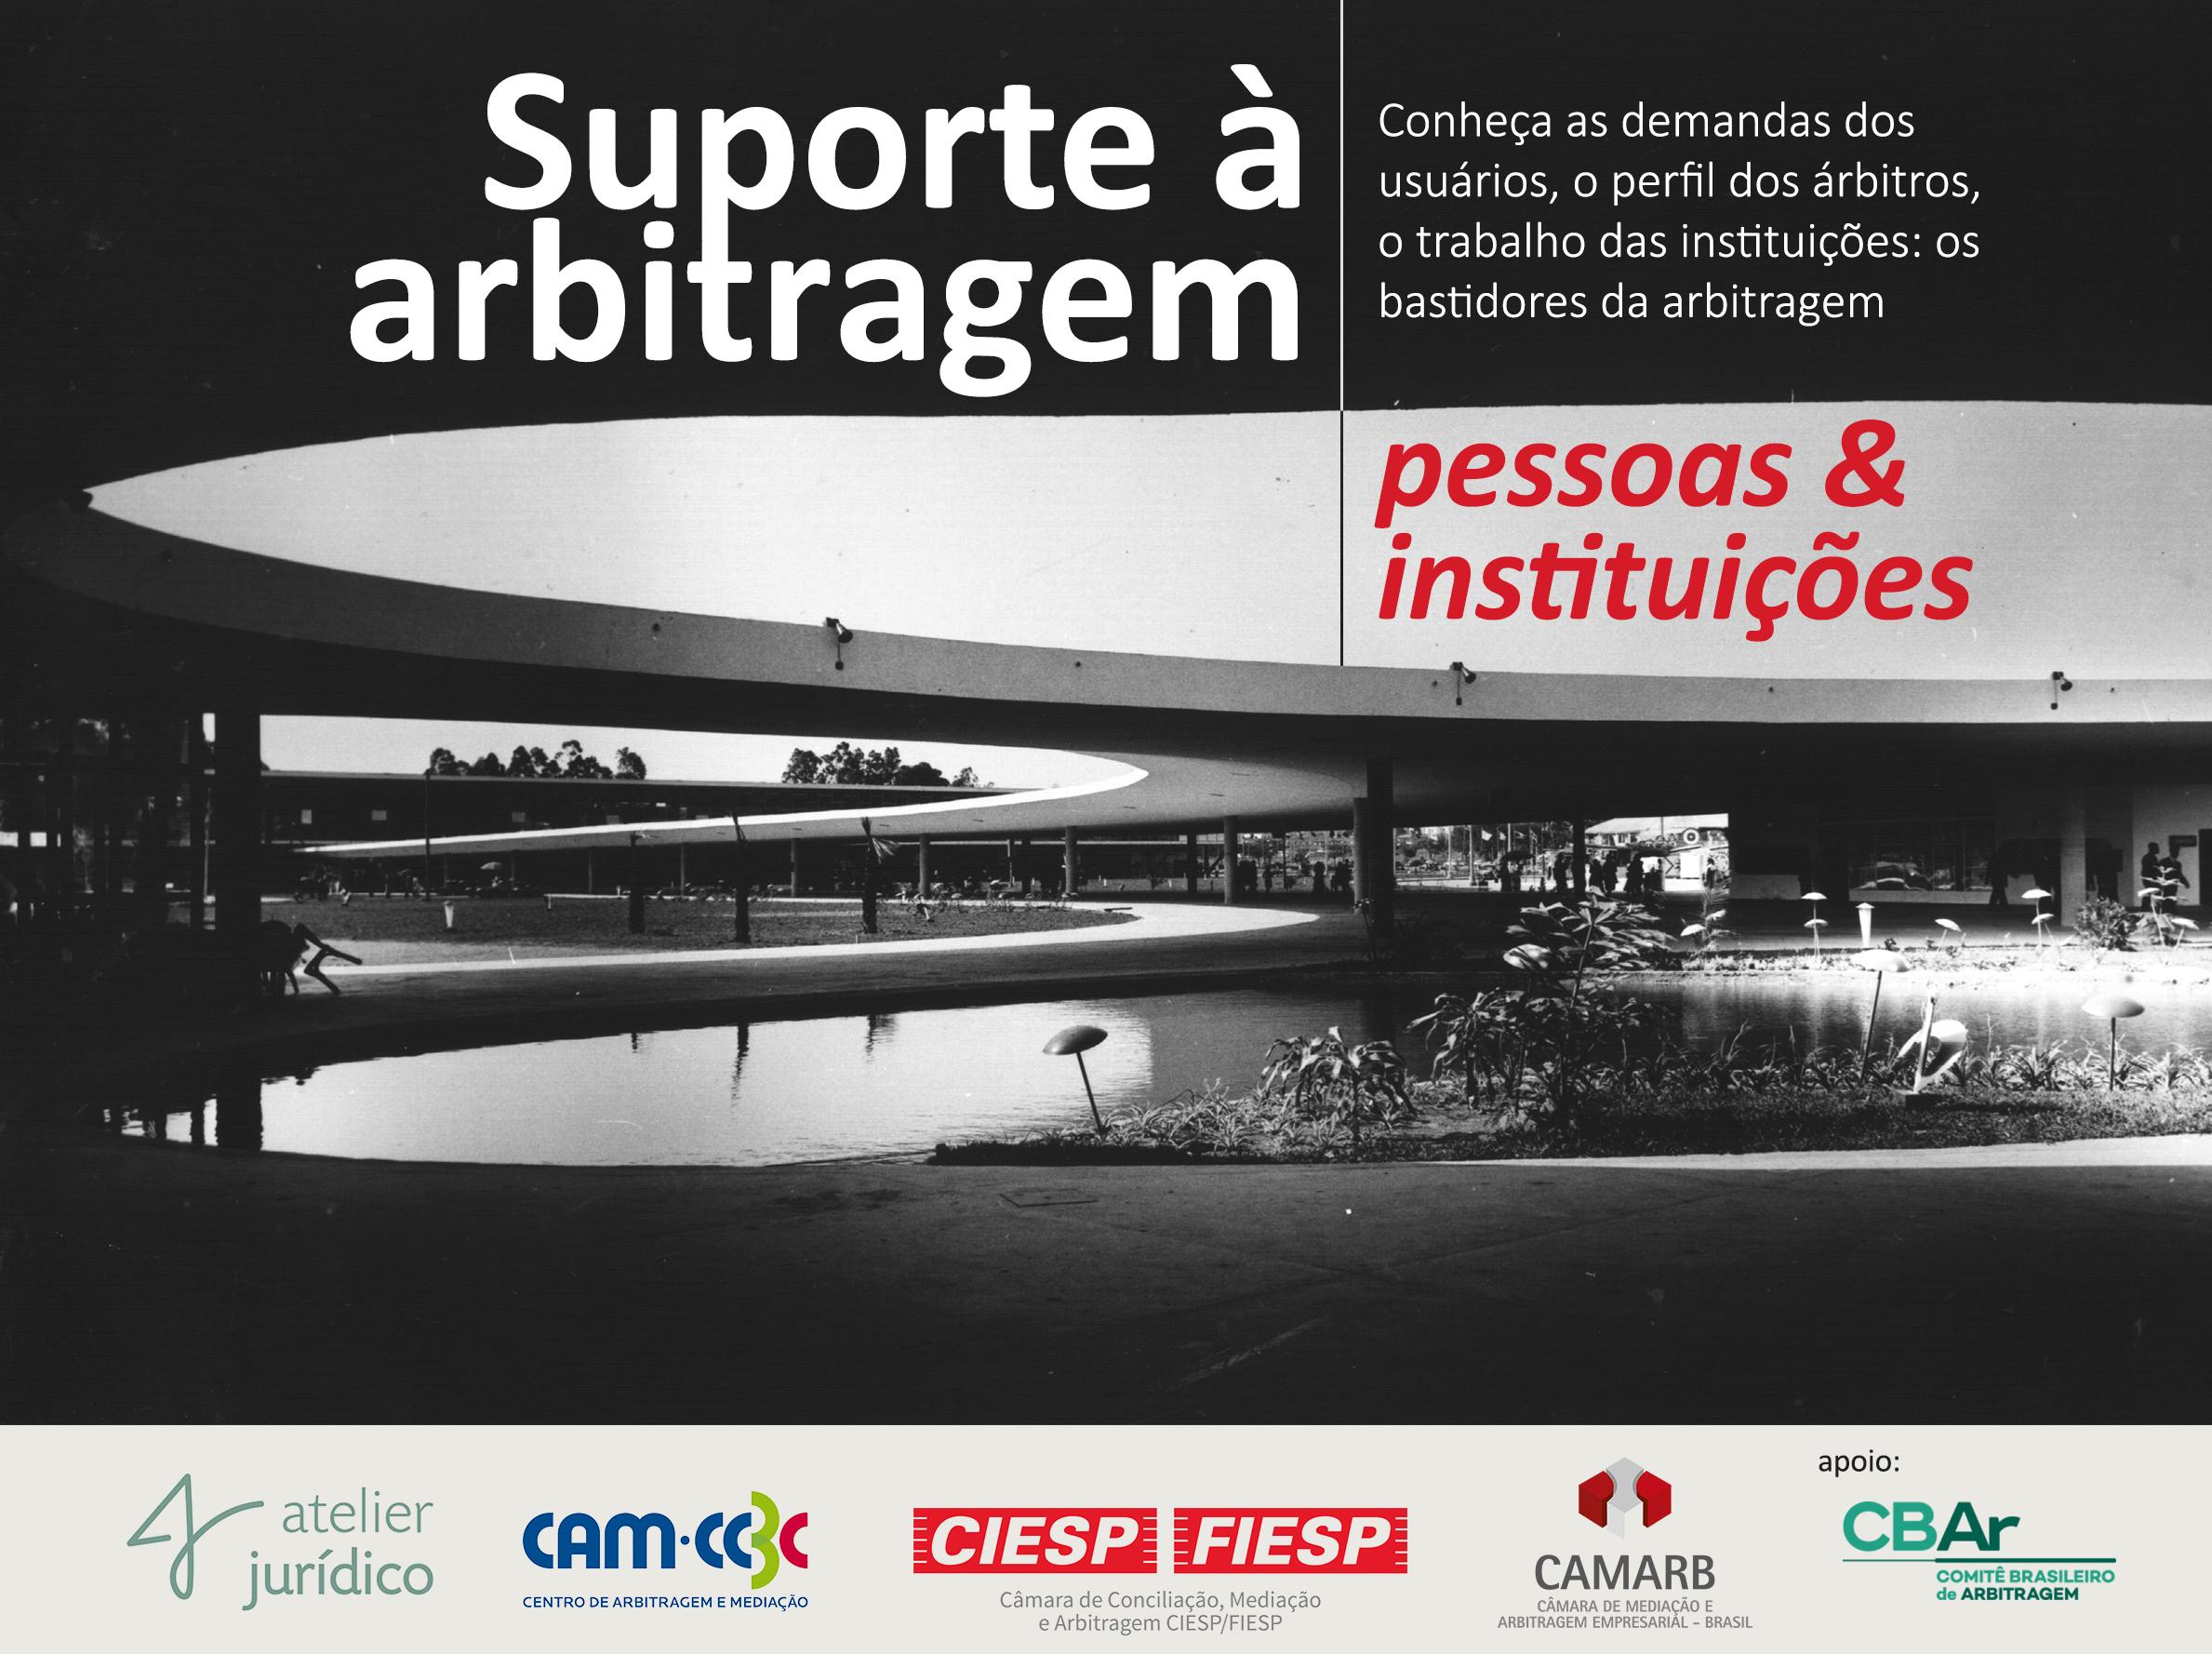 CAMARA CIESP/FIESP